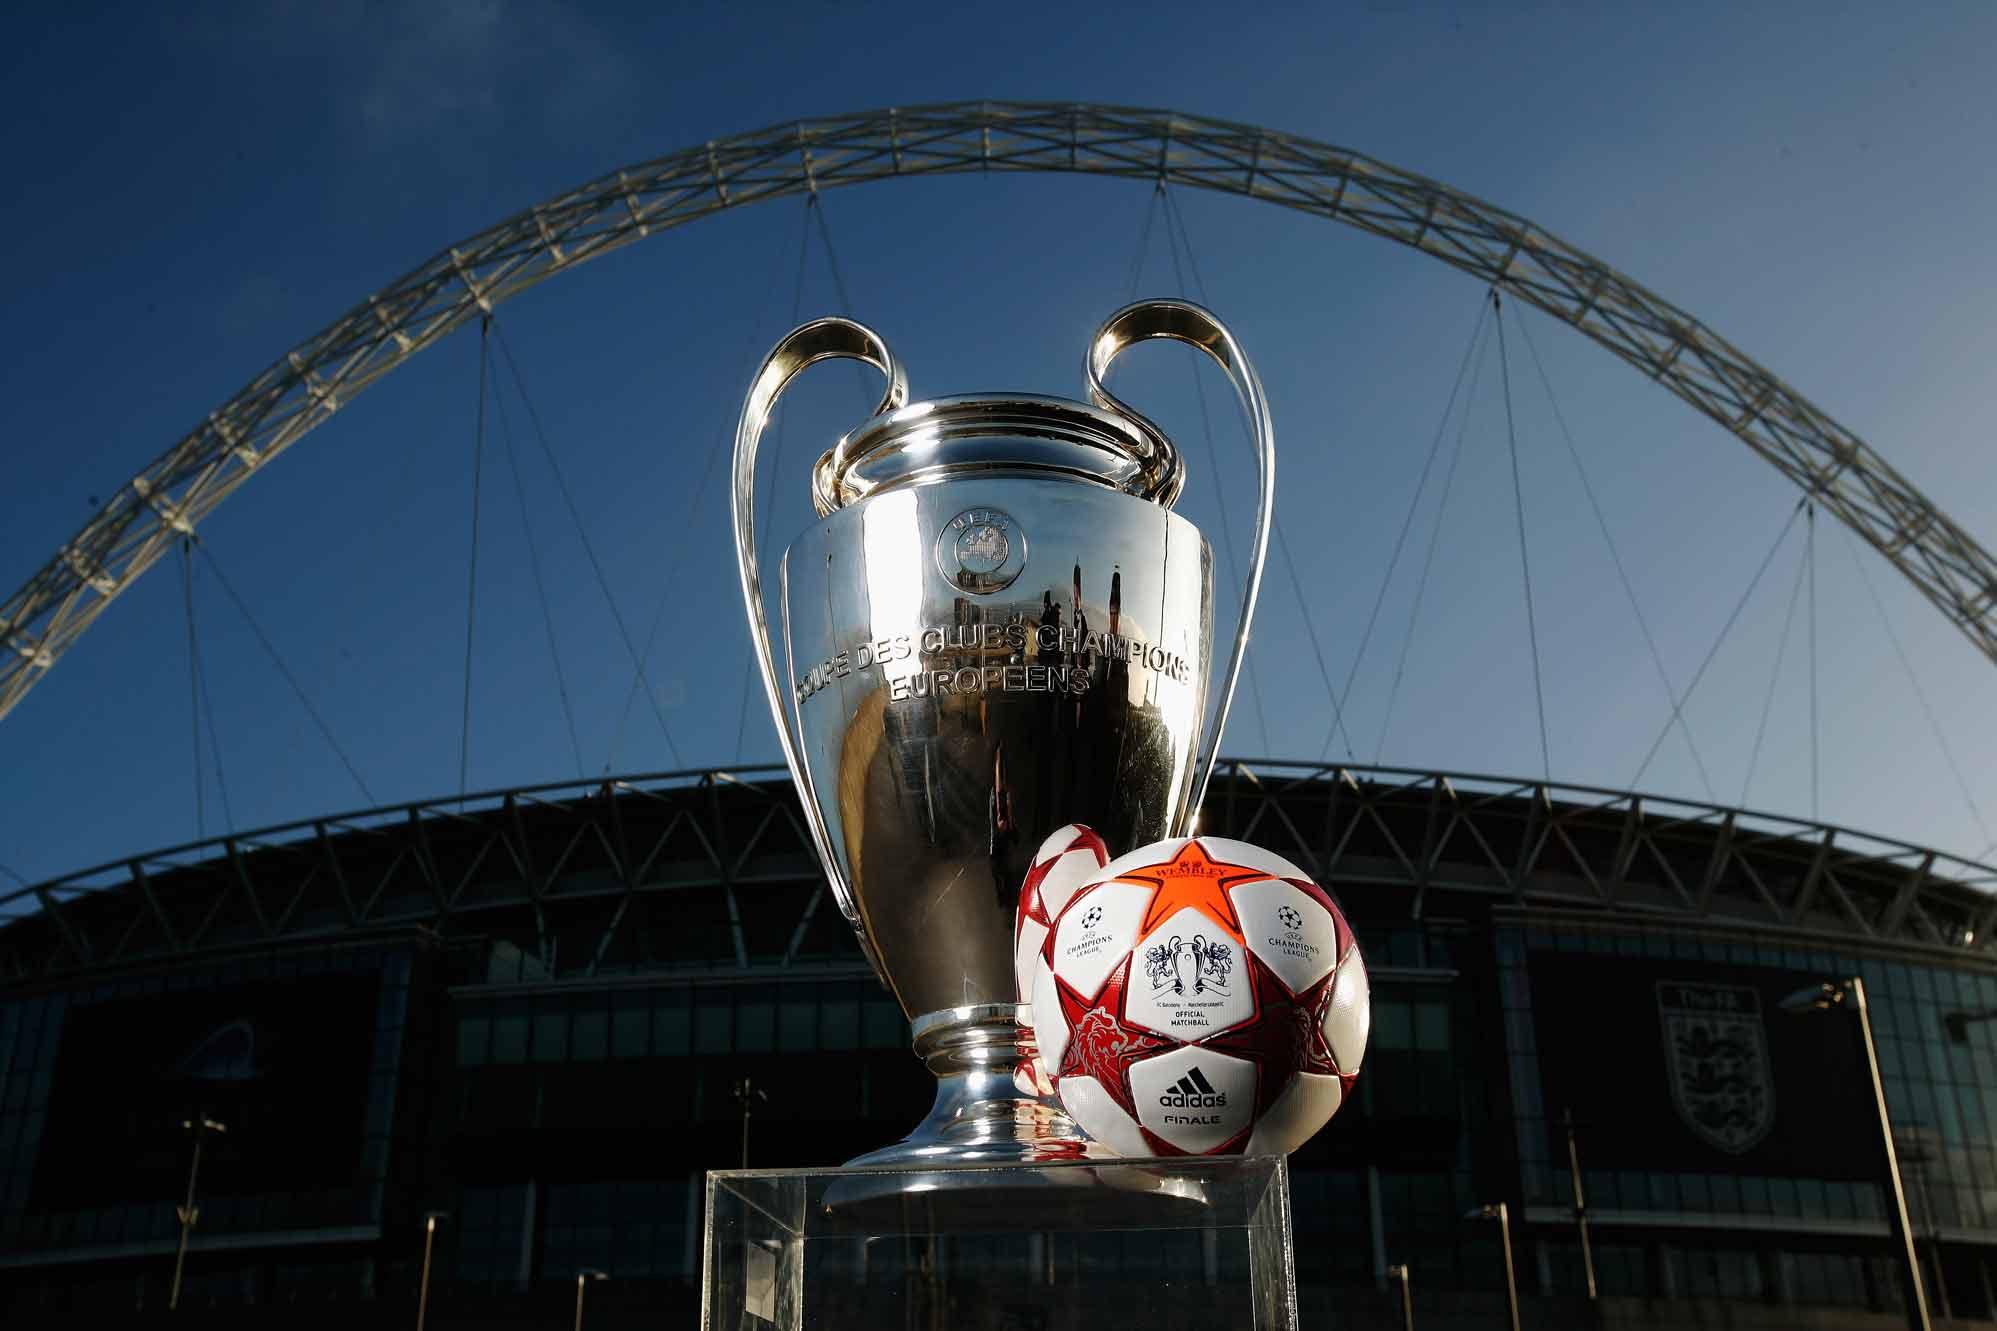 мяч финала лиги чемпионов 2011 - adidas fnale london на фоне уэмбли wembley